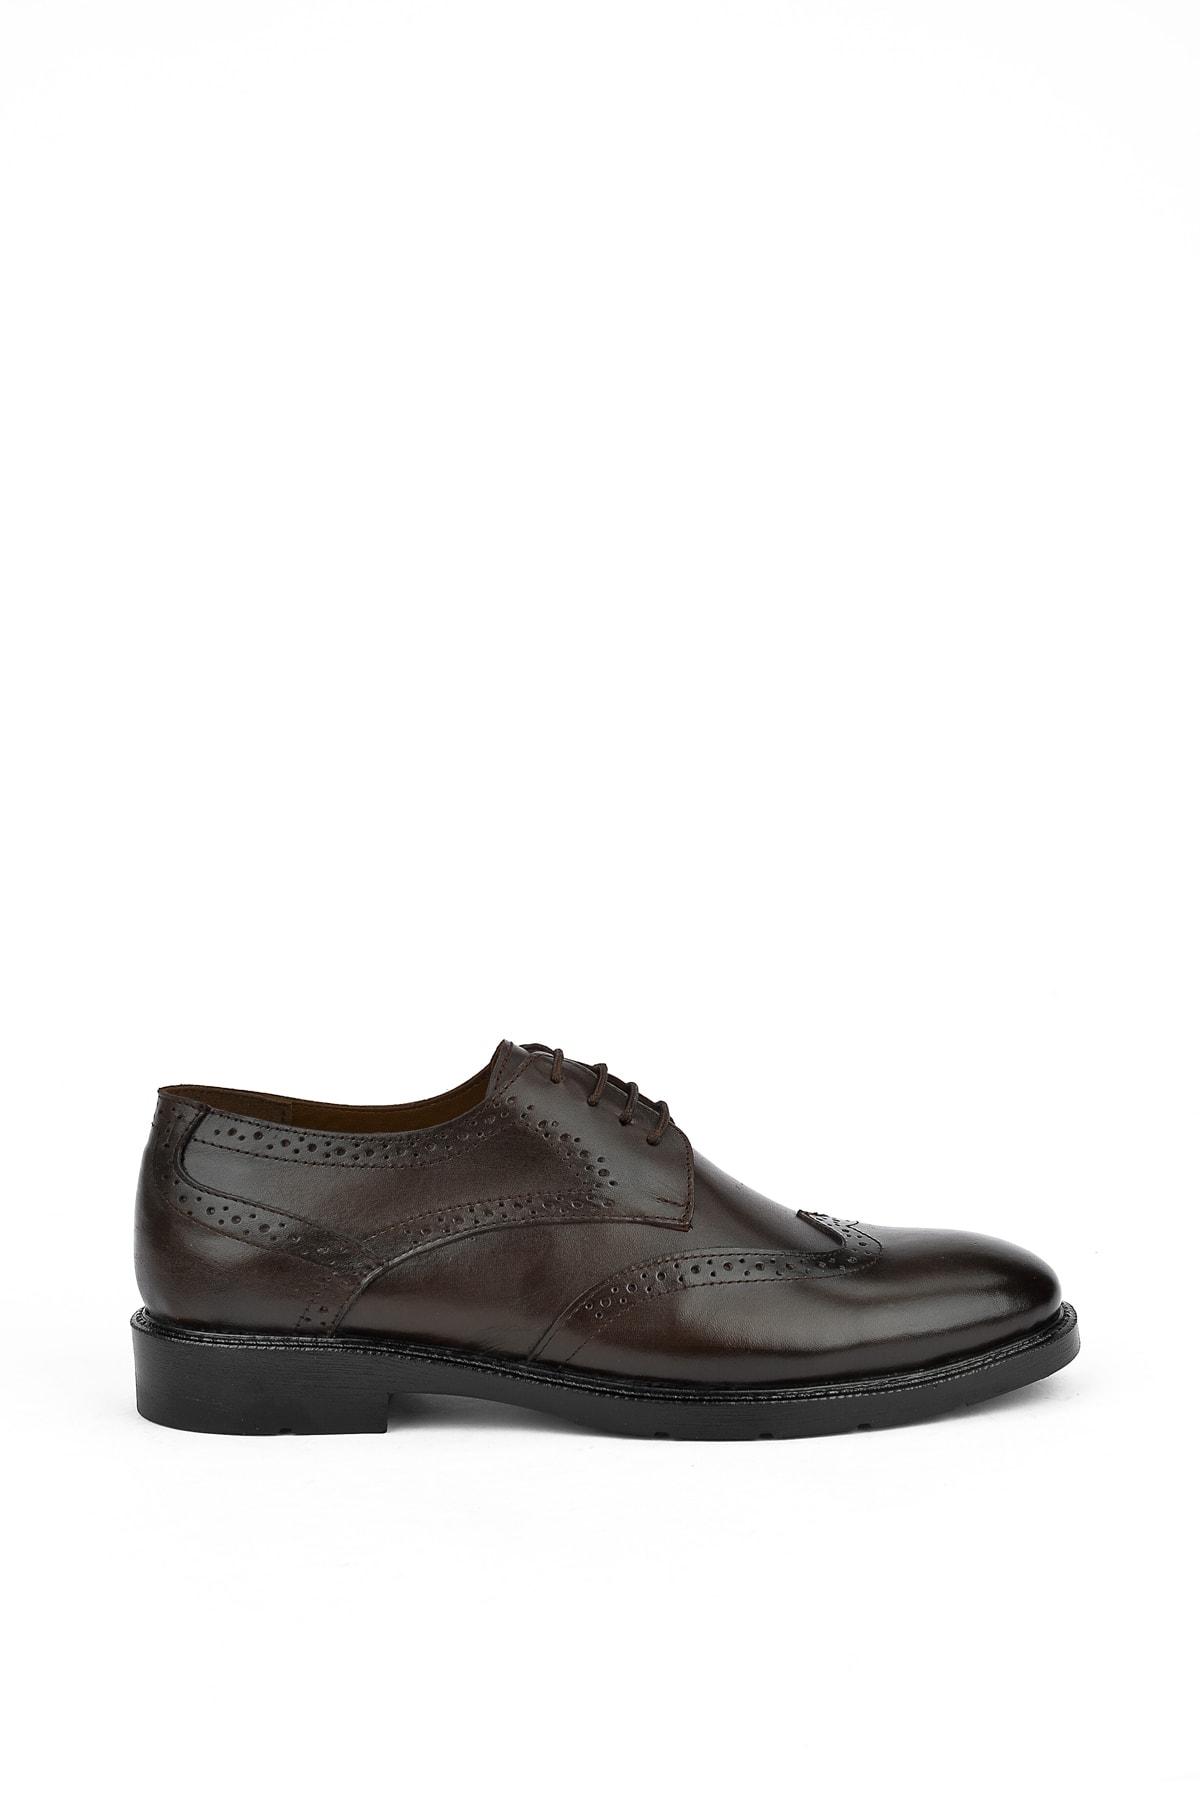 Ziya KAHVE Erkek Klasik Ayakkabı 103415 599261